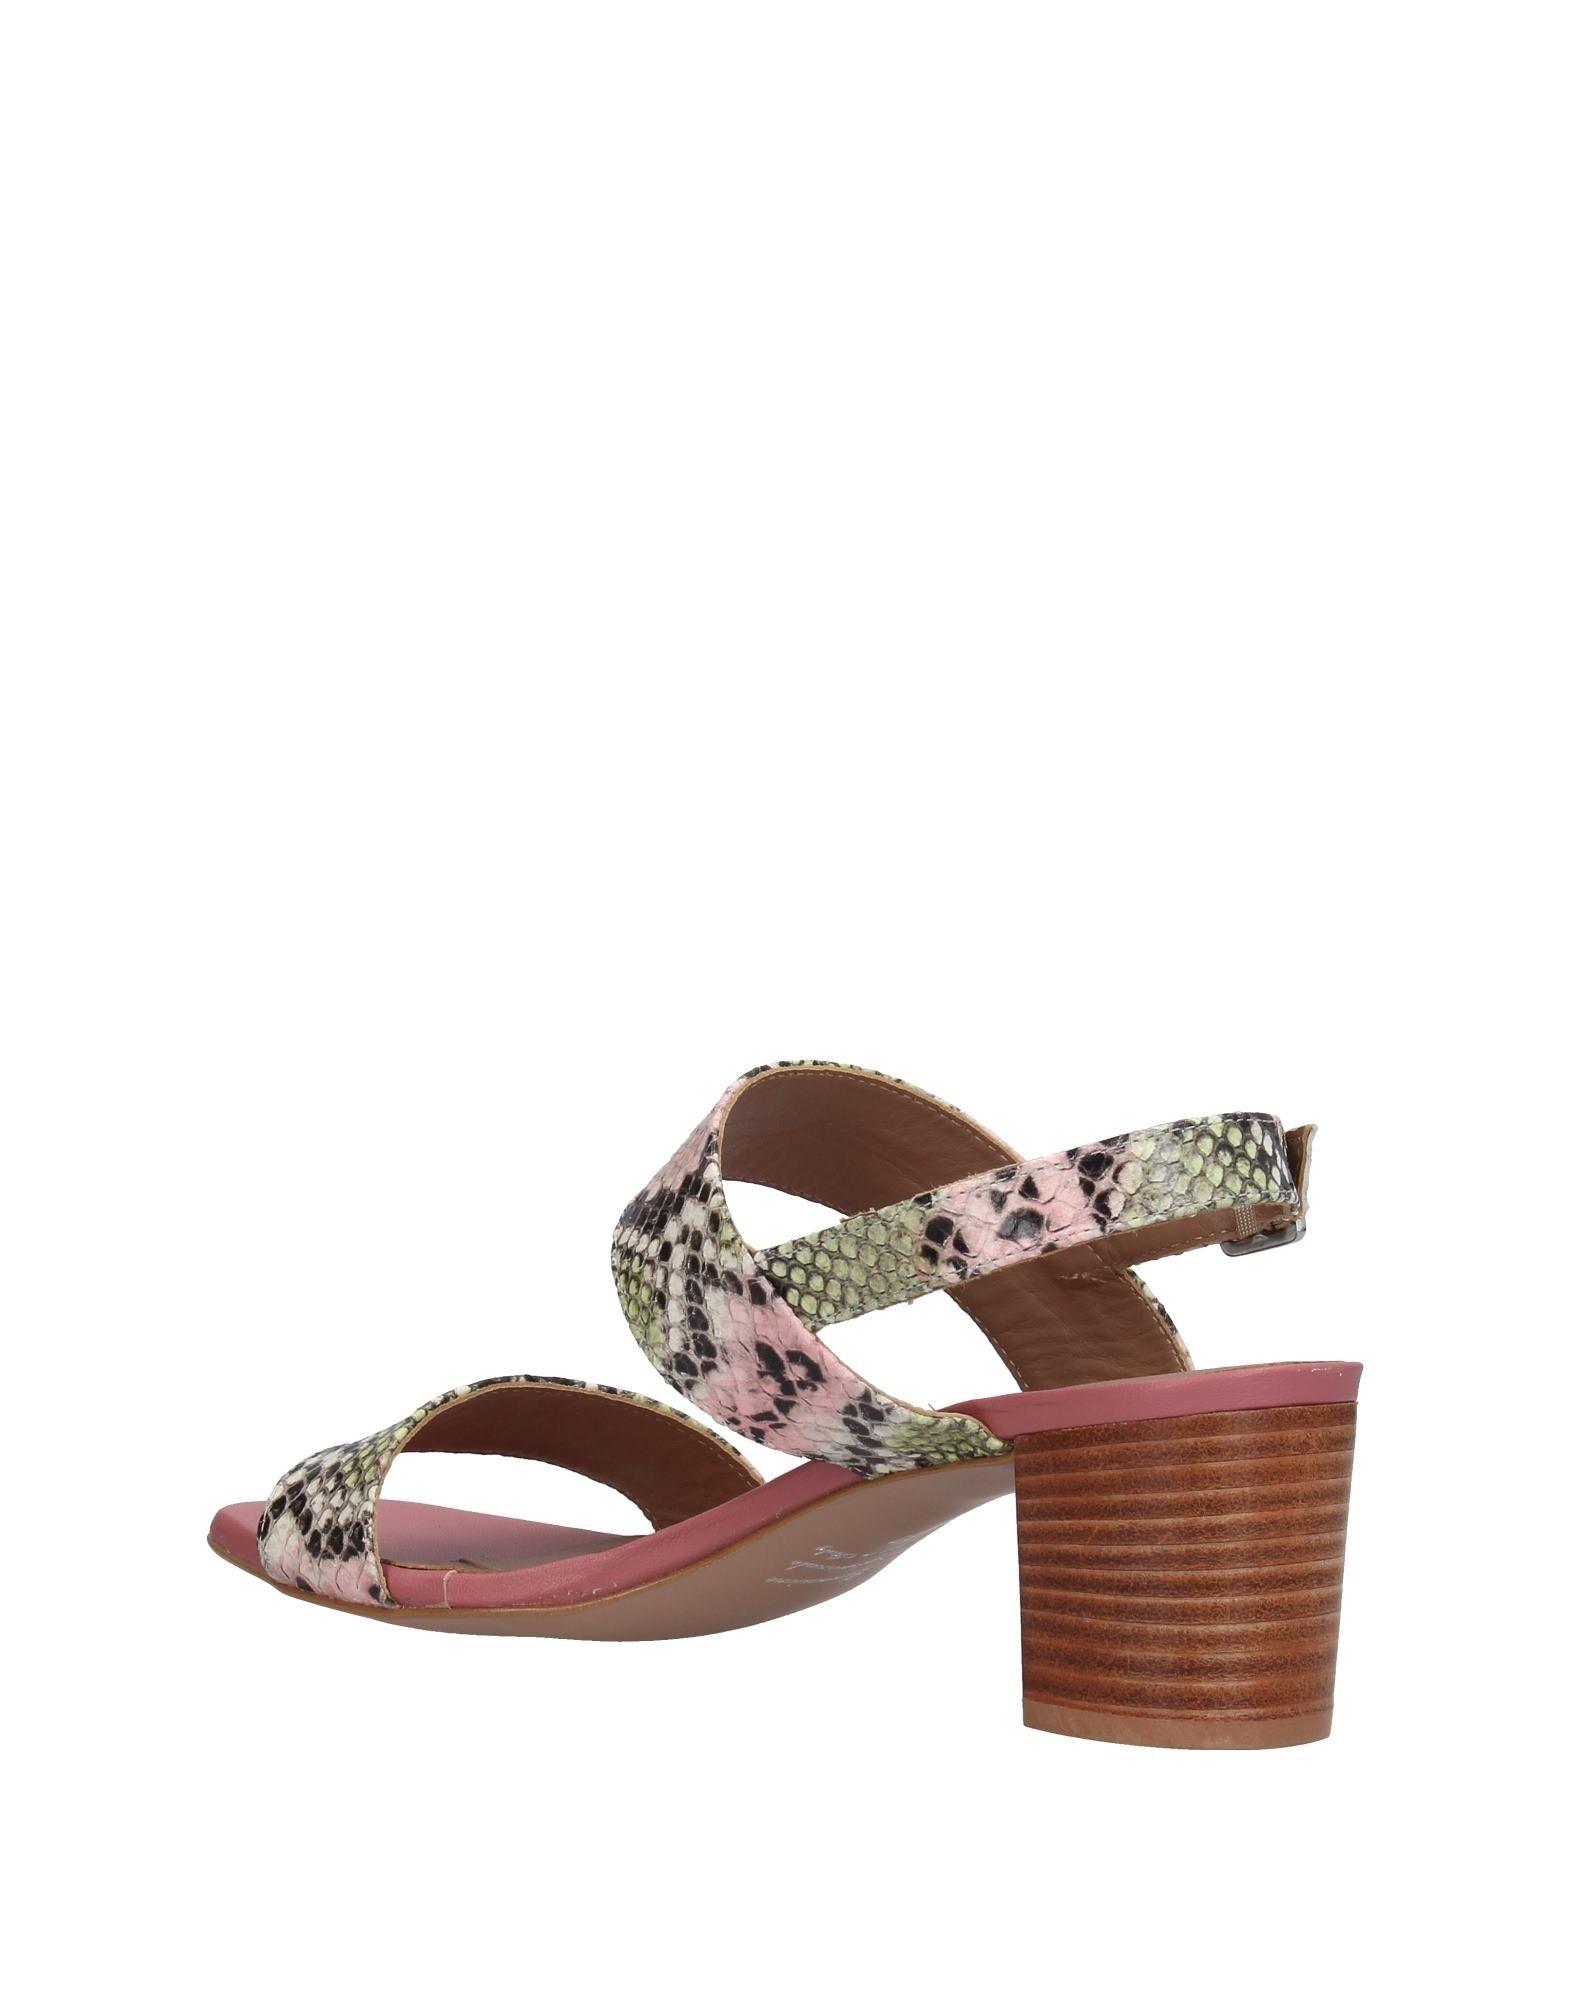 Mally beliebte Sandalen Damen  11376204LE Gute Qualität beliebte Mally Schuhe 732a3b